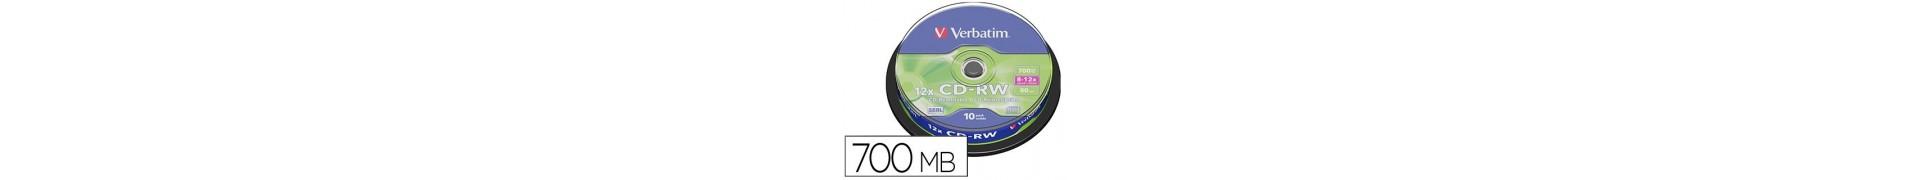 Soportes ópticos, cd y dvd